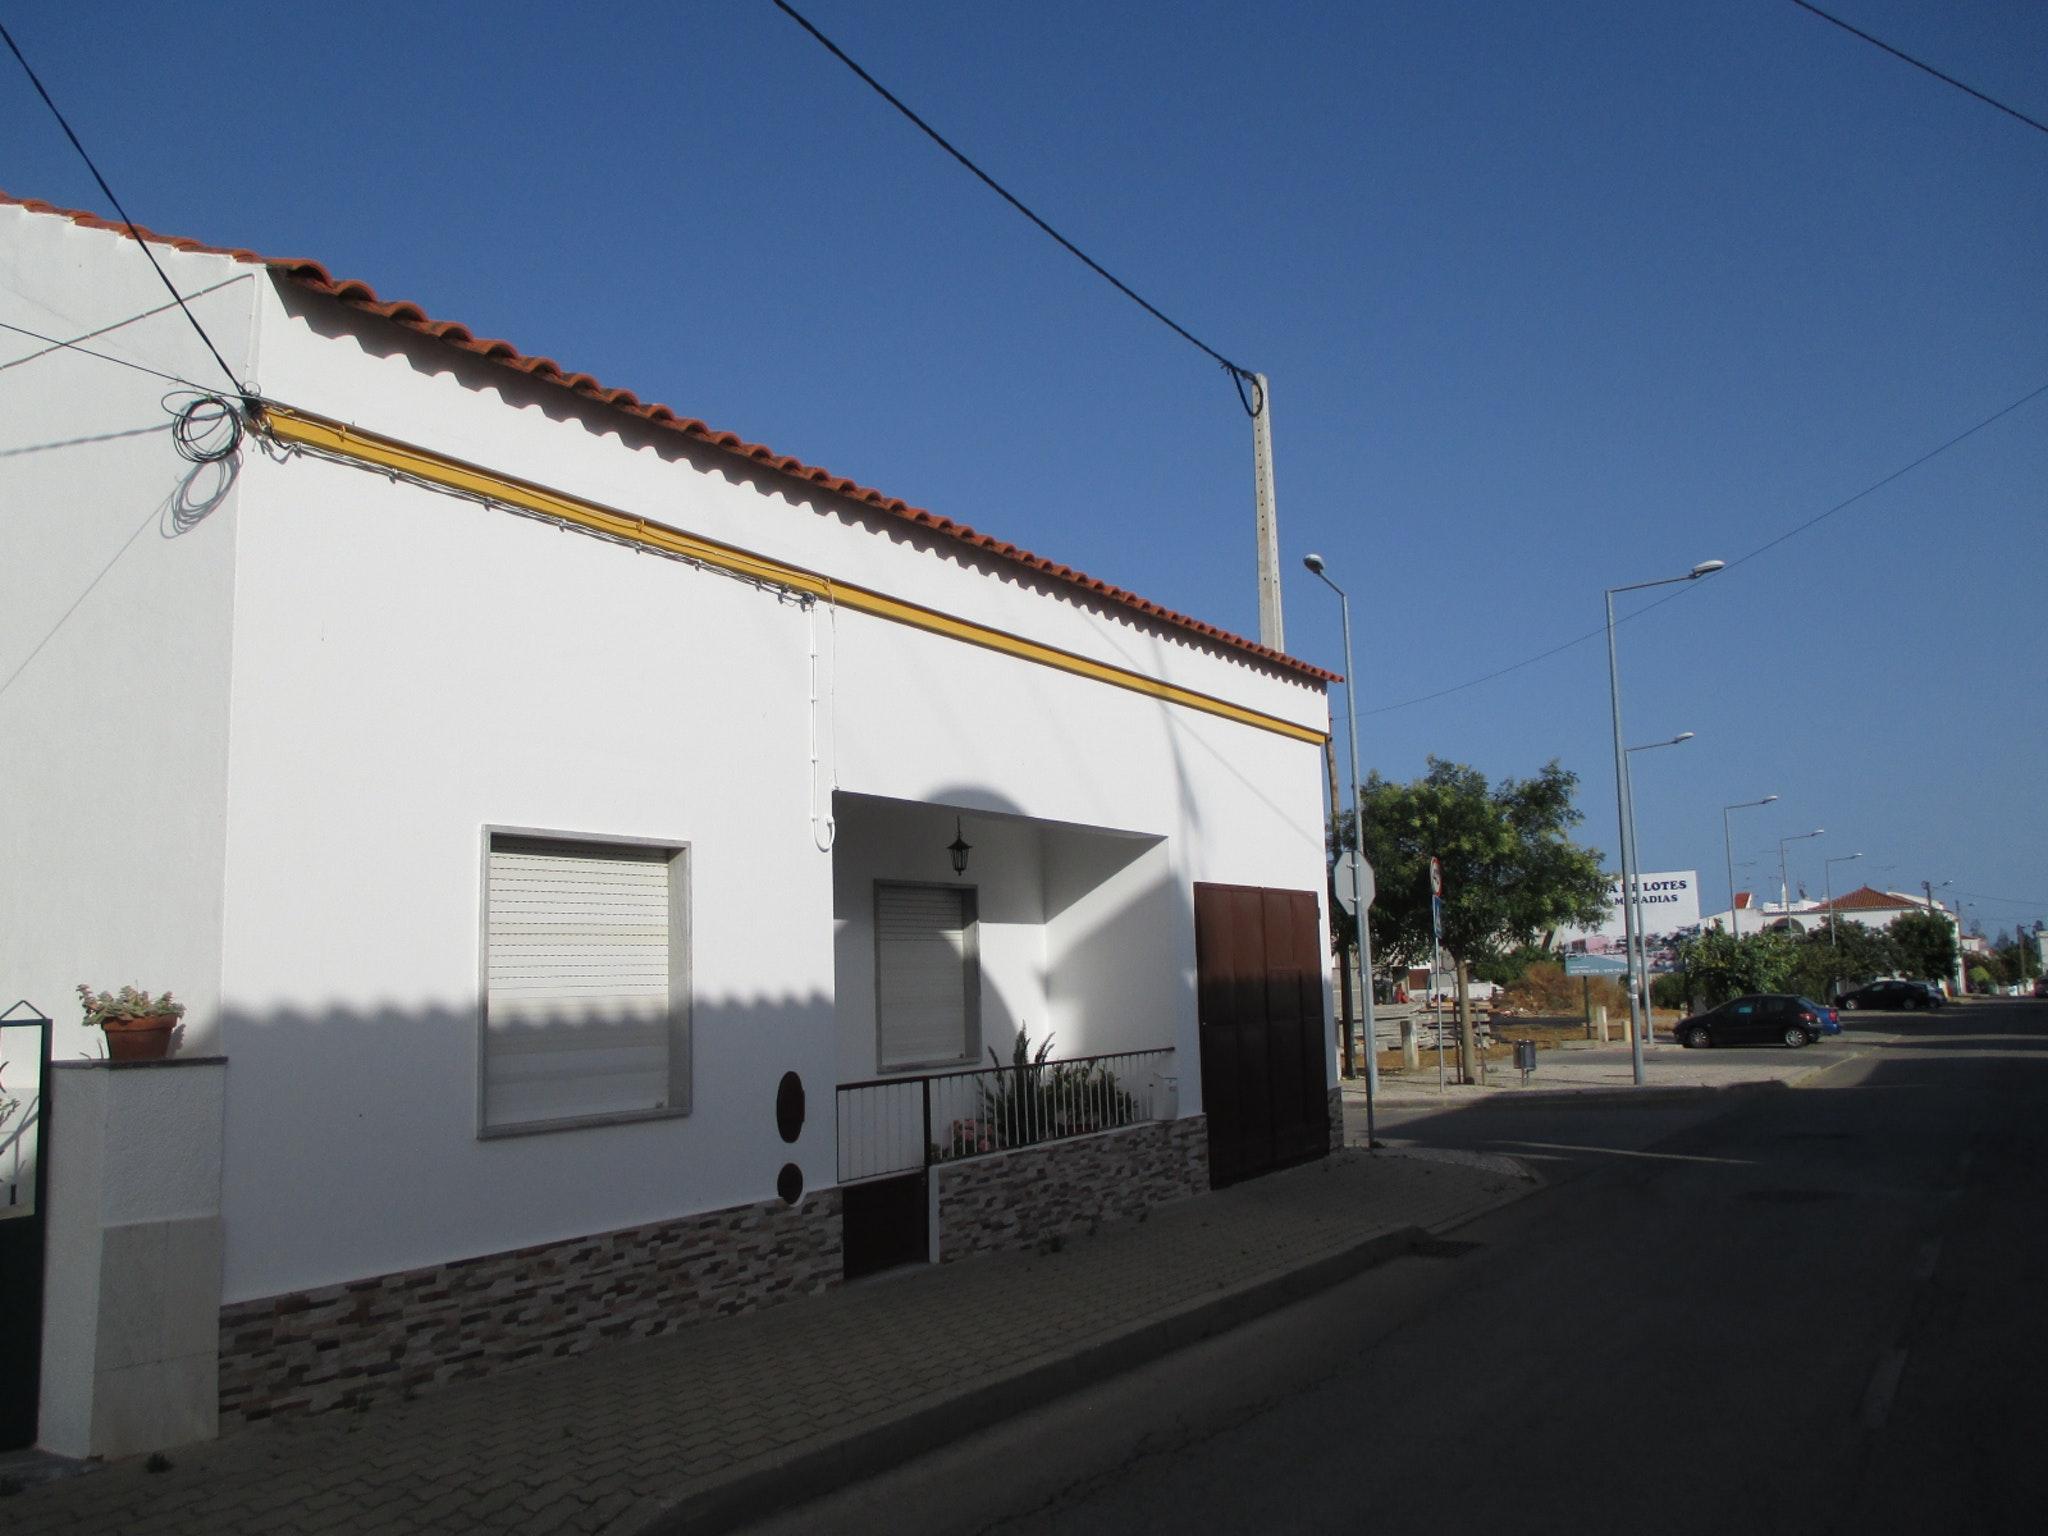 Ferienhaus Haus mit 3 Schlafzimmern in Luz (Luz de Tavira) mit eingezäuntem Garten - 2 km vom Strand  (2426449), Luz, Ria Formosa, Algarve, Portugal, Bild 18